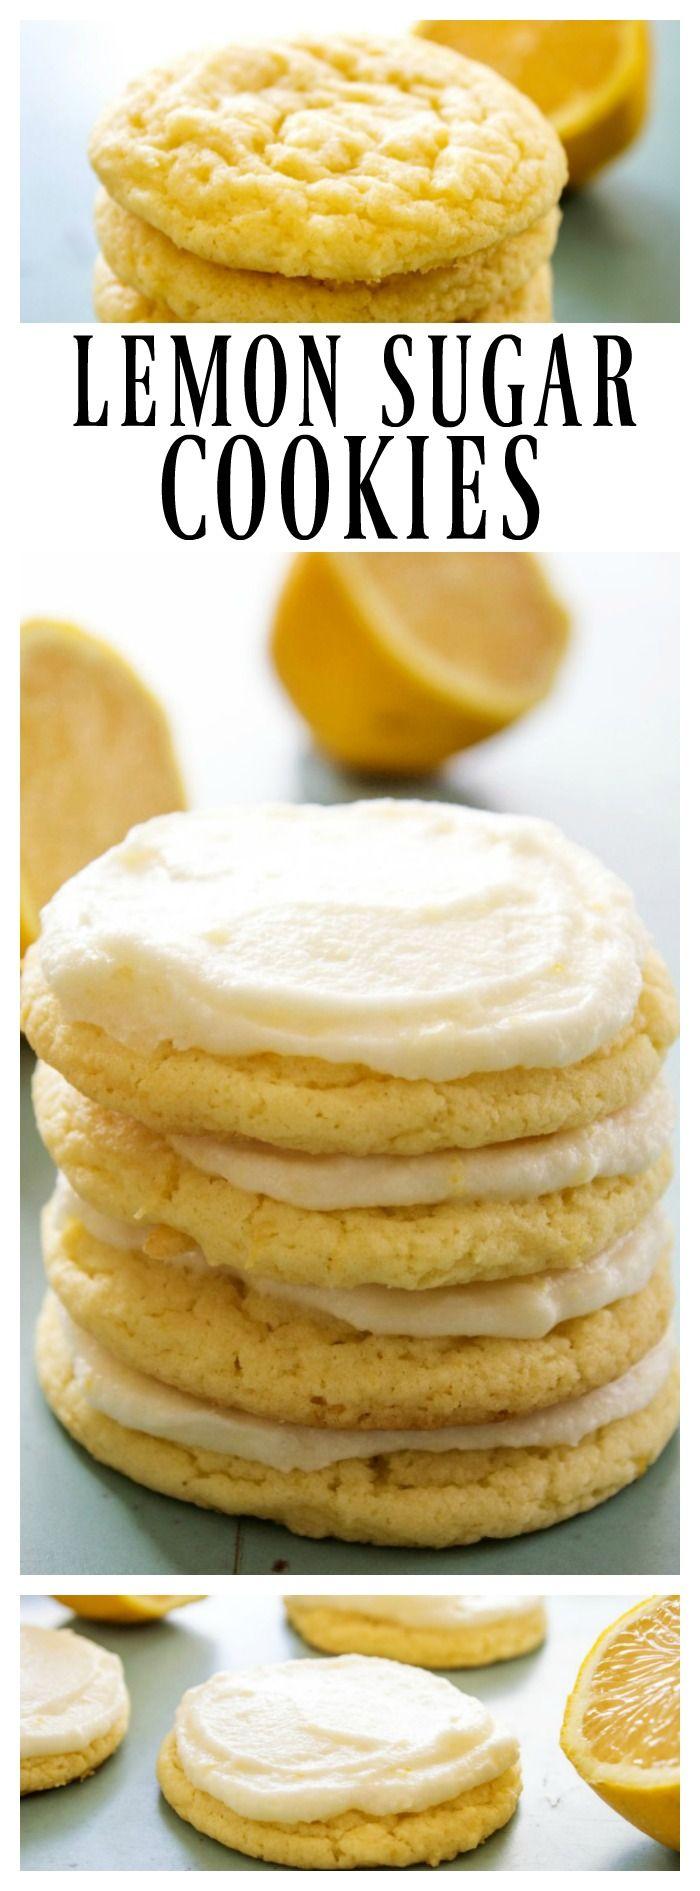 lemon-sugar-cookies-long-pin